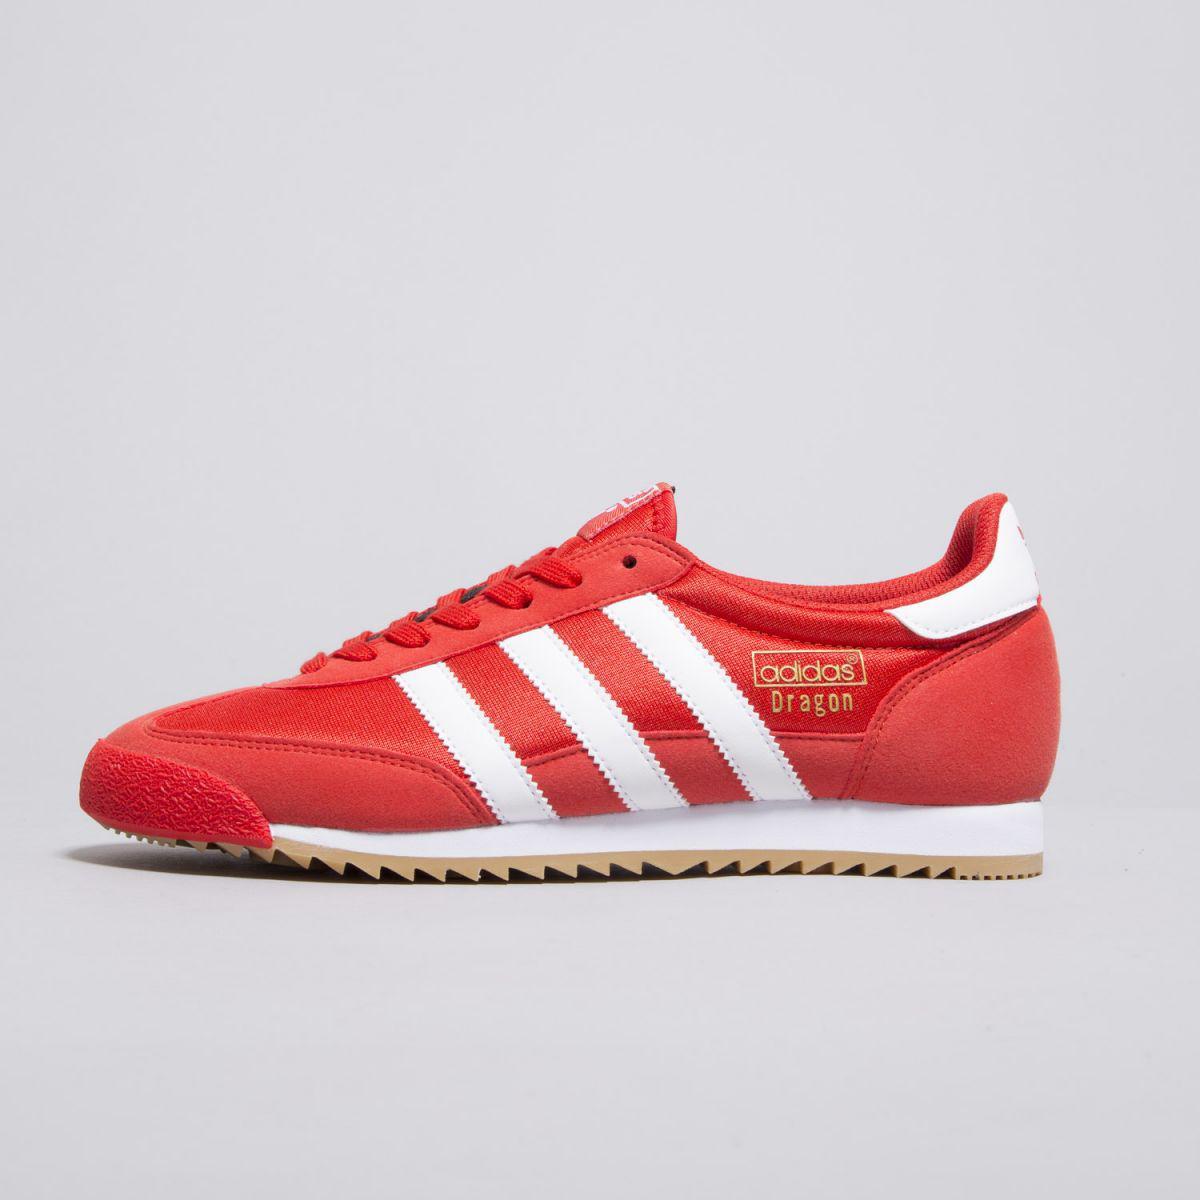 dad57ed1 Оригинальные мужские кроссовки Adidas Dragon OG Shoes Red: продажа ...